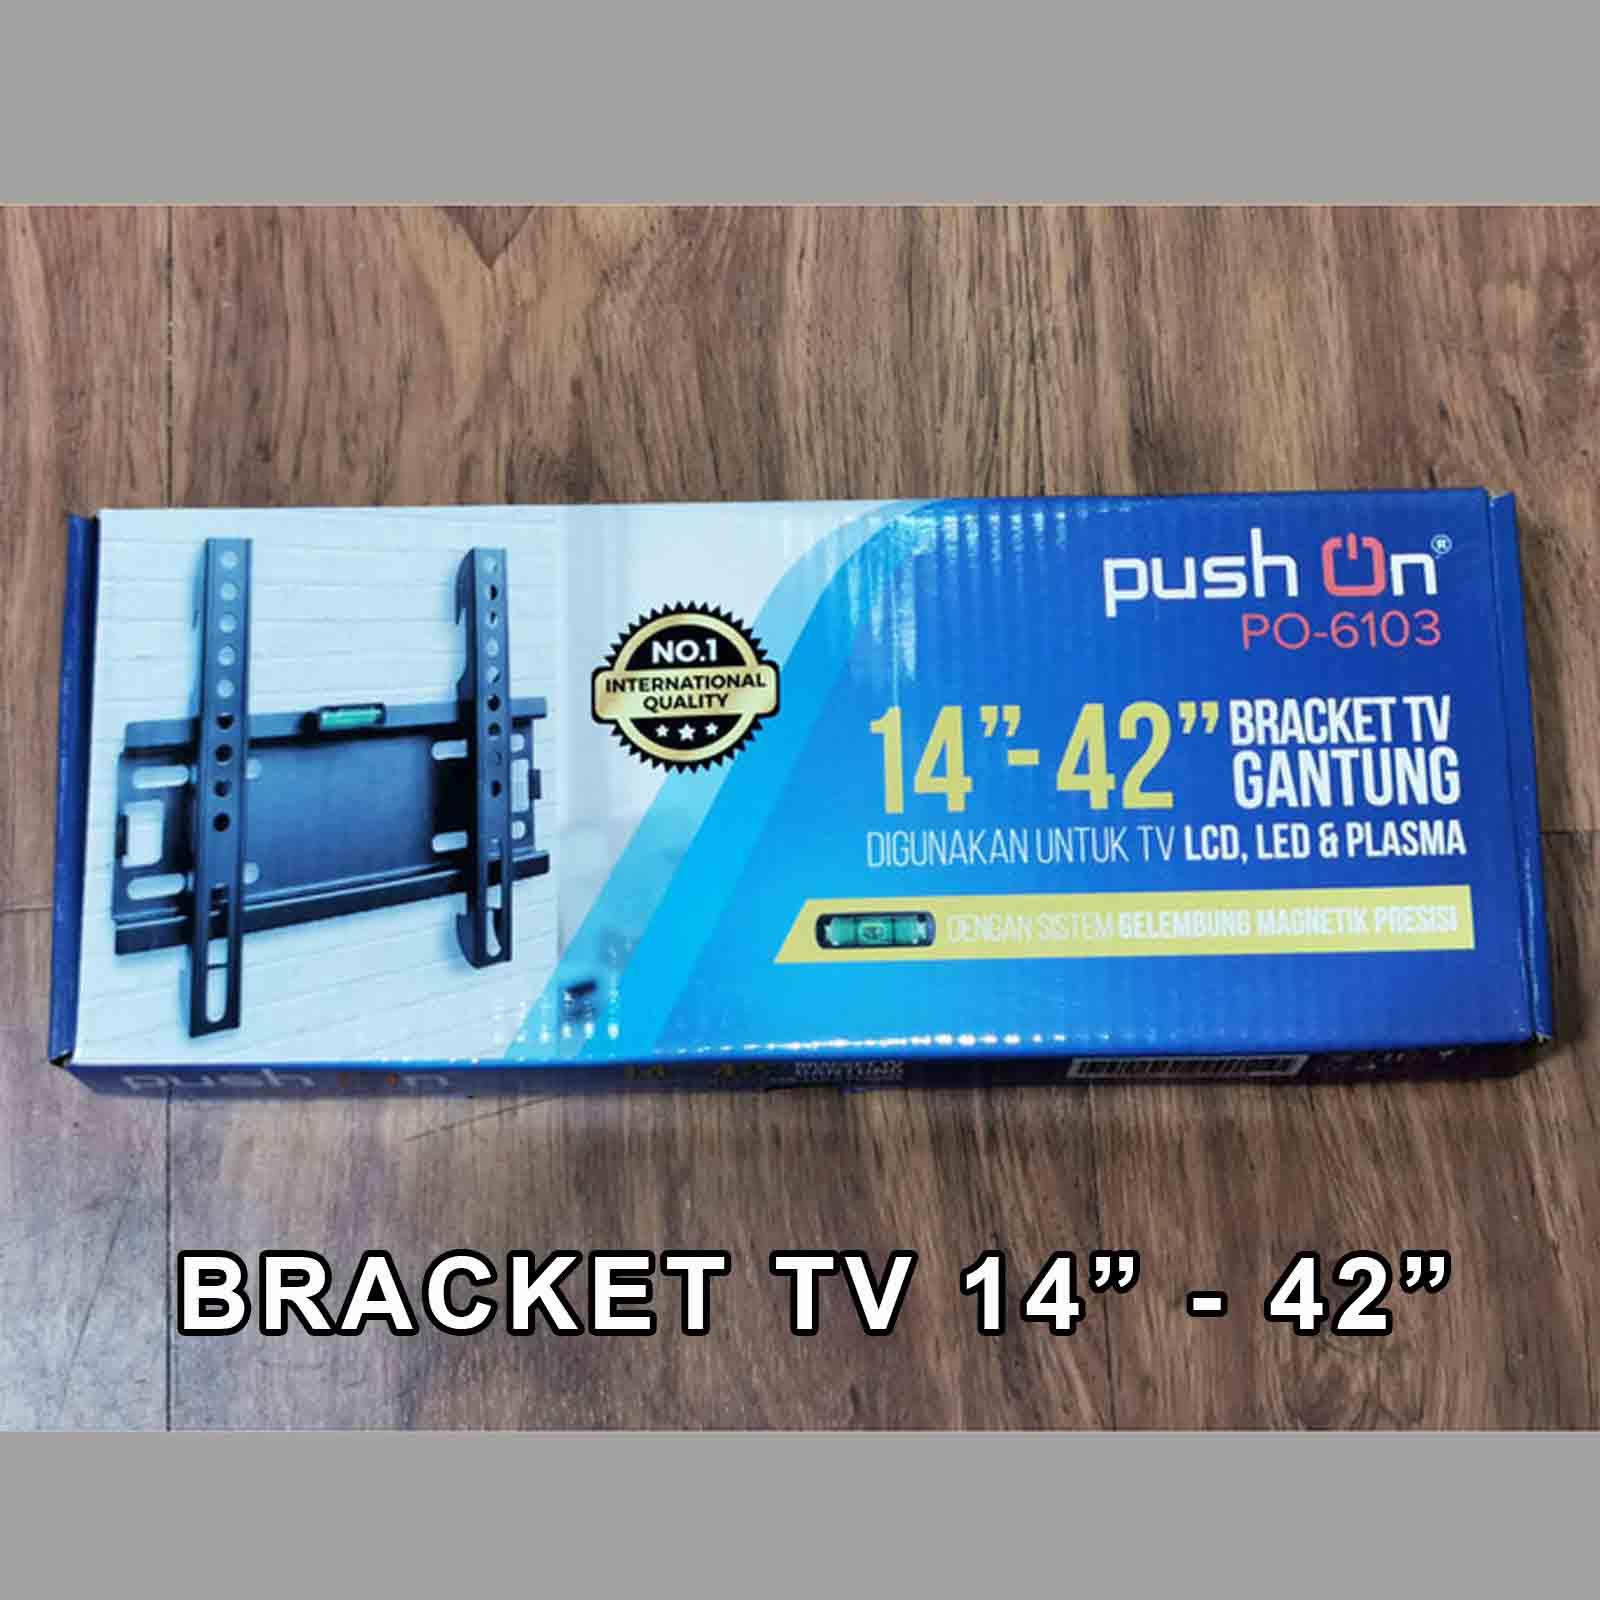 bracket/braket/brecket tv lcd led 14 – 42 inch push on po-6103